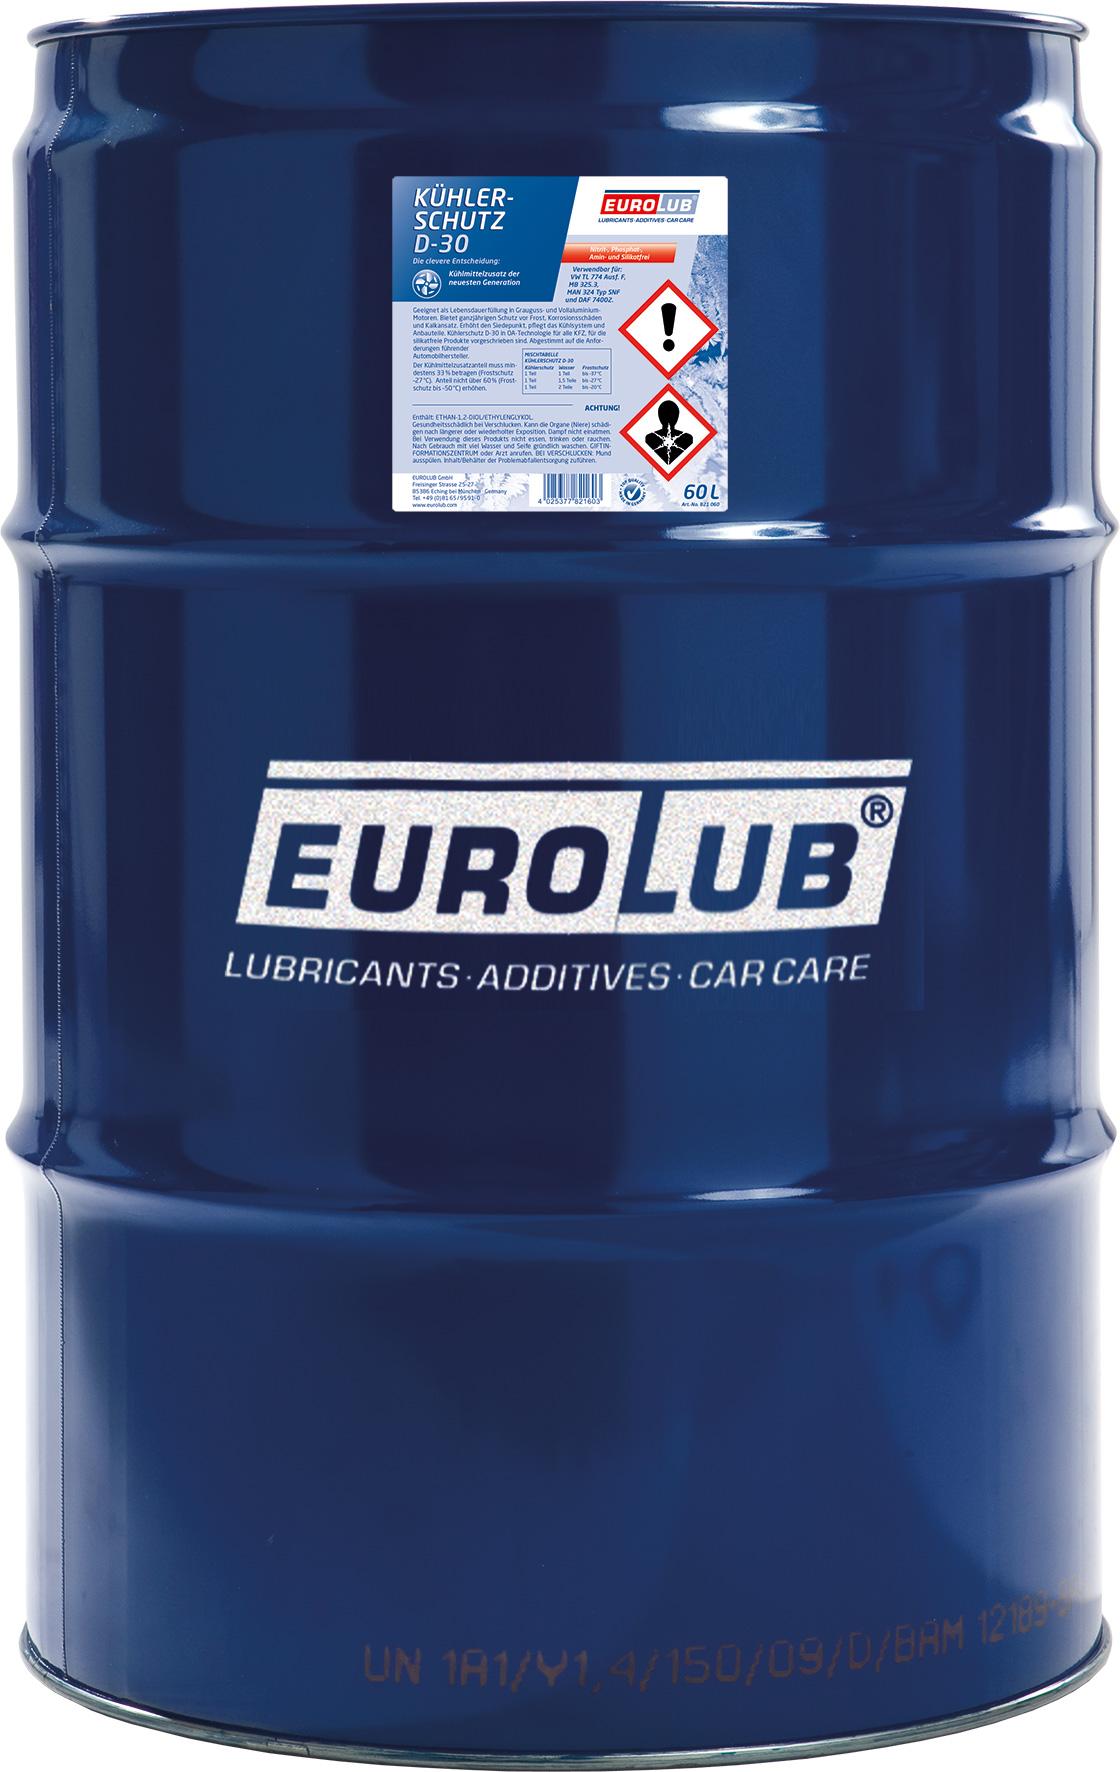 Eurolub Kühlerfrostschutz D 30 Konzentrat 60l Fass Kühlerschutz Rosa Lila Violett Kühlerschutz Pflege Wartung Motoroeldirekt At